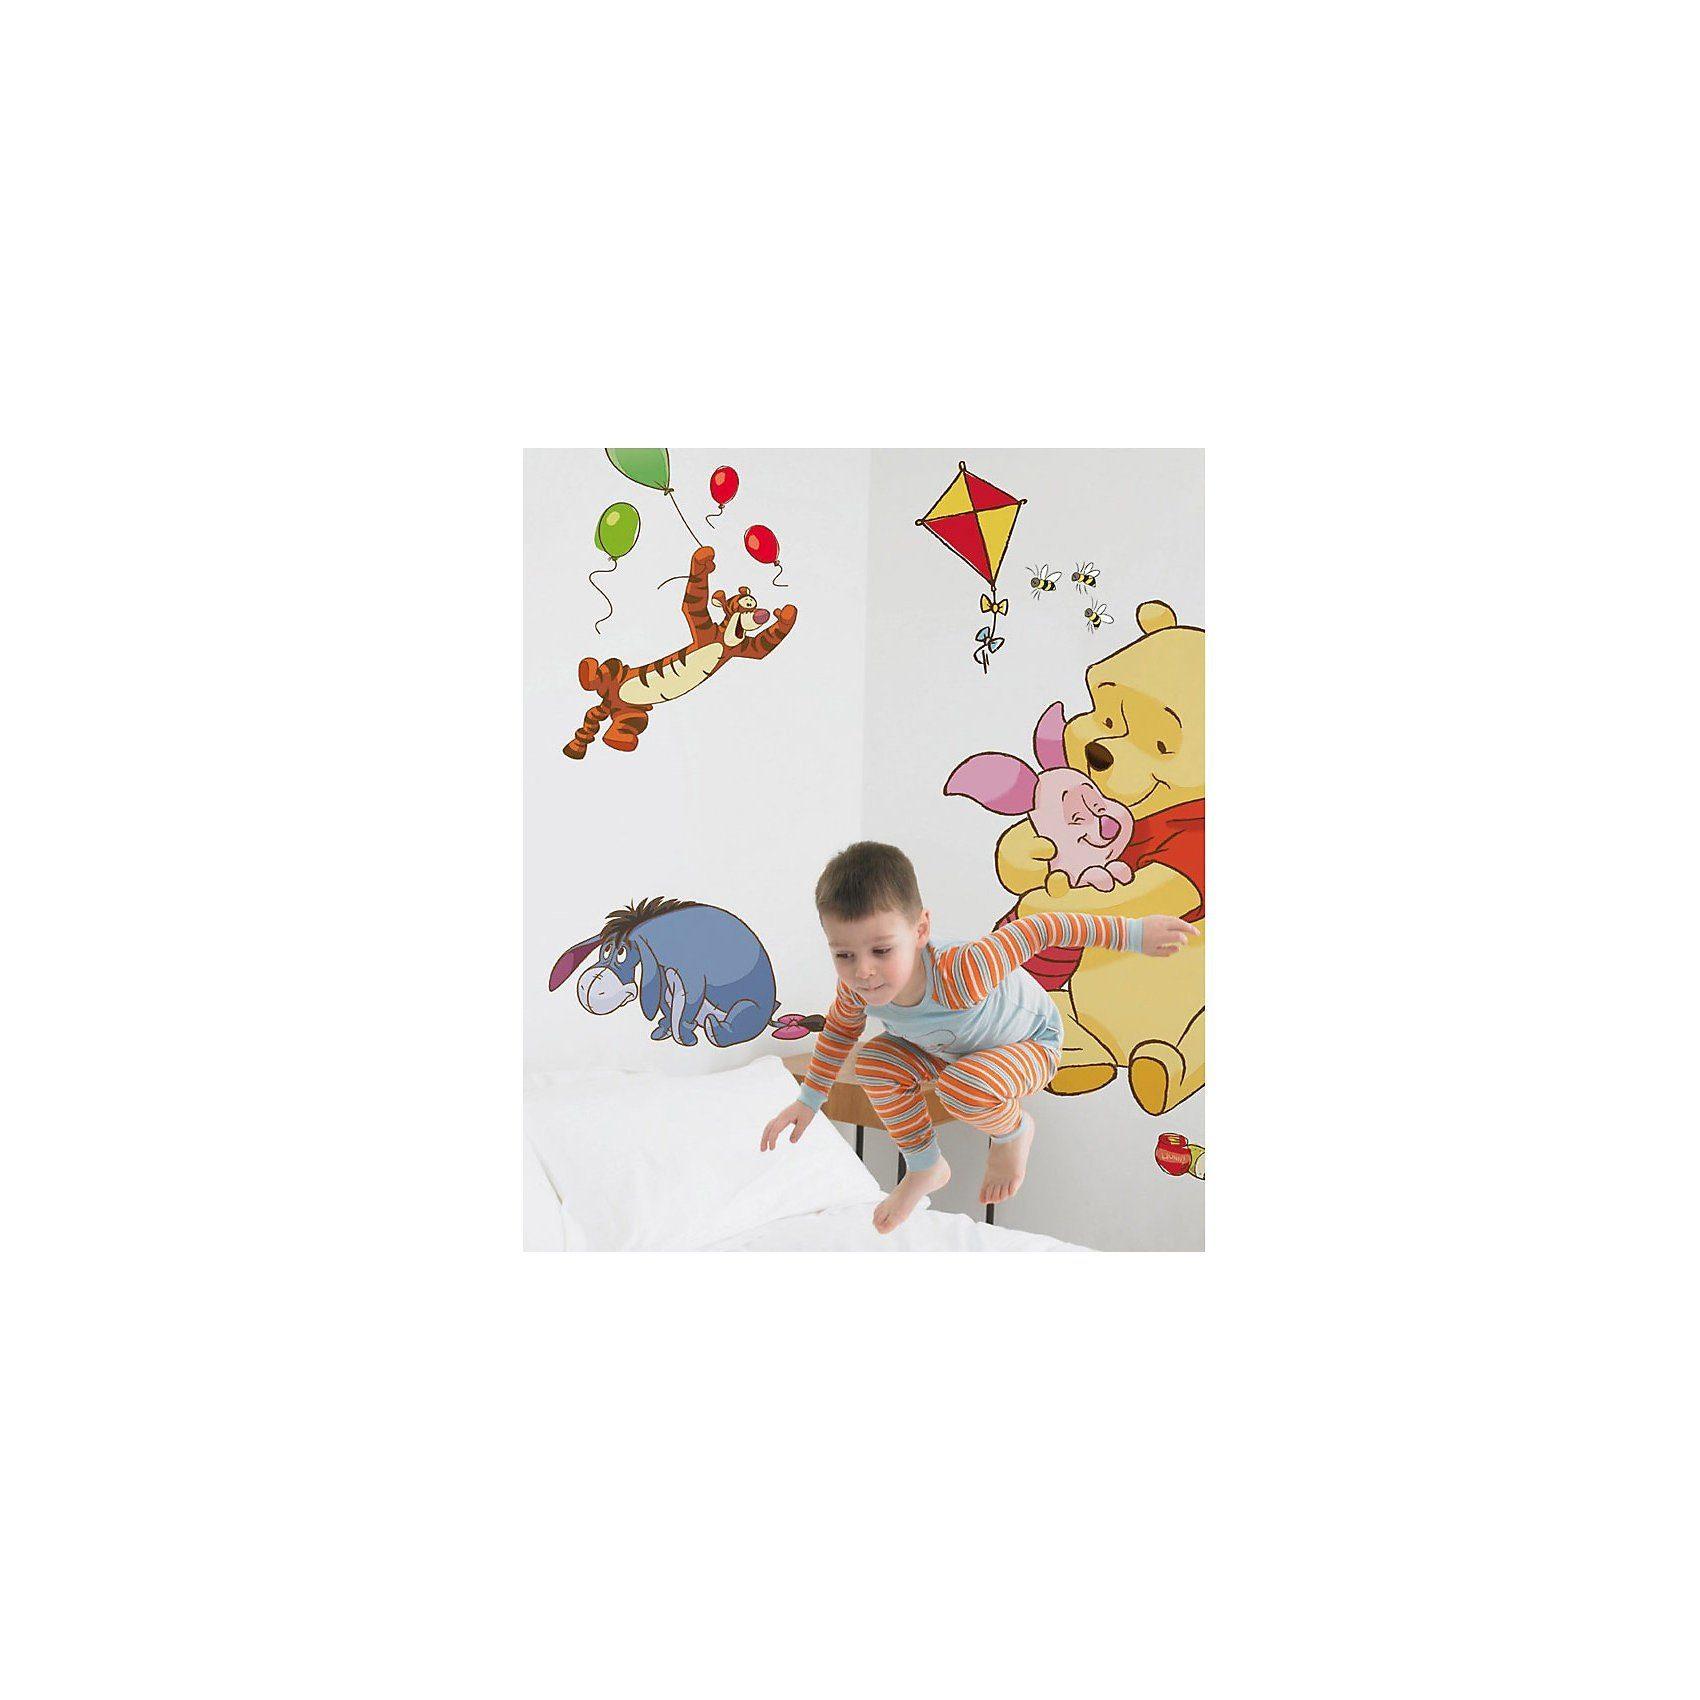 Decofun Wandsticker Winnie the Pooh, Bother Free Days, groß, 17-tlg.